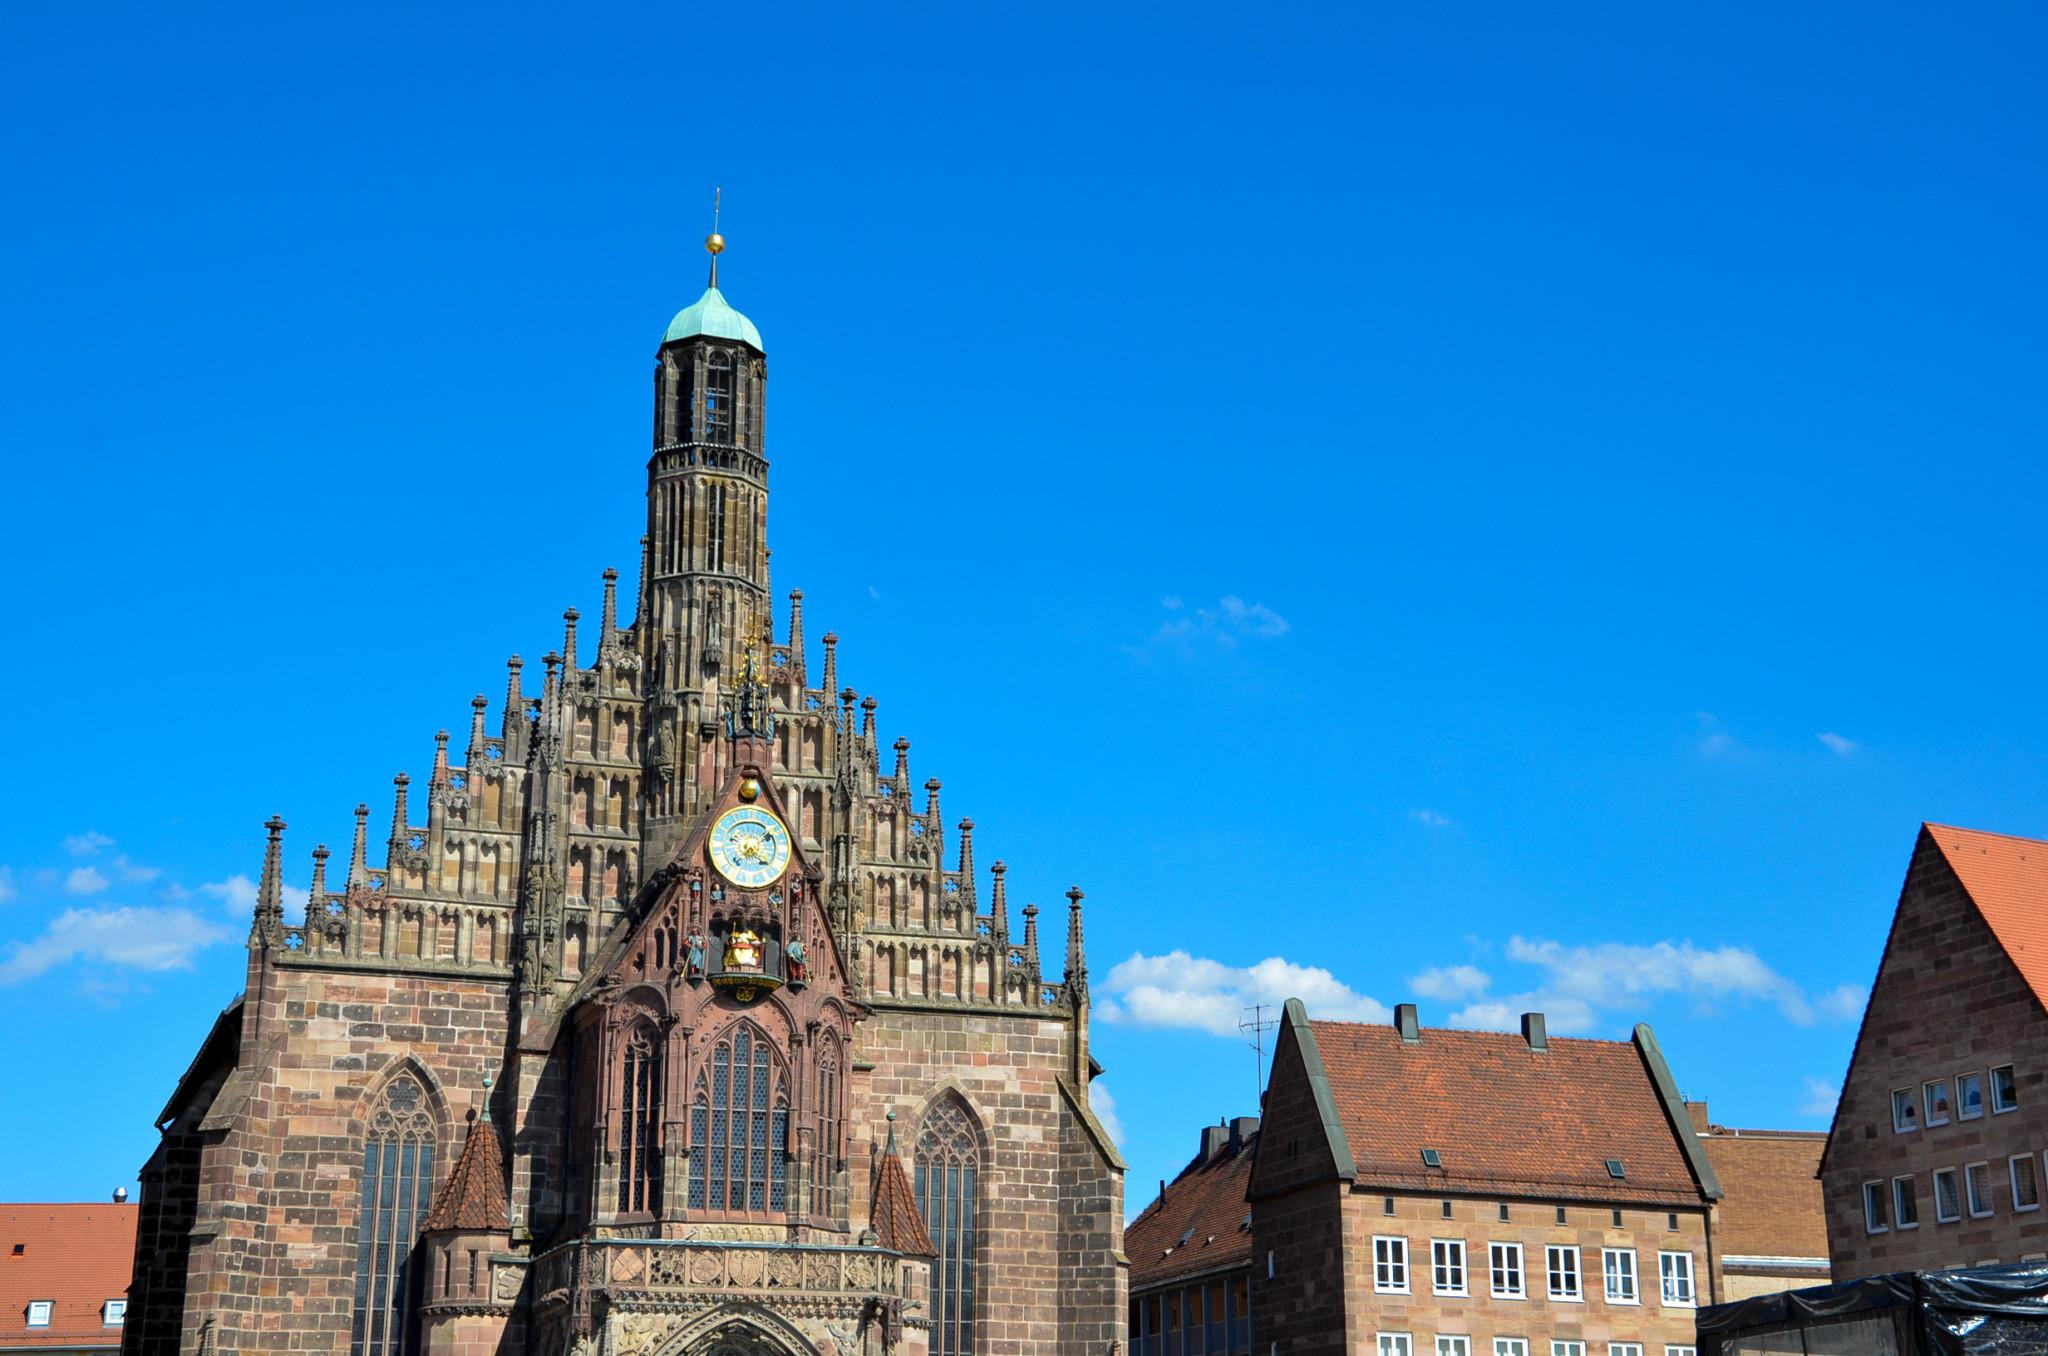 Die Nürnberger Frauenkirche sollte man besuchen